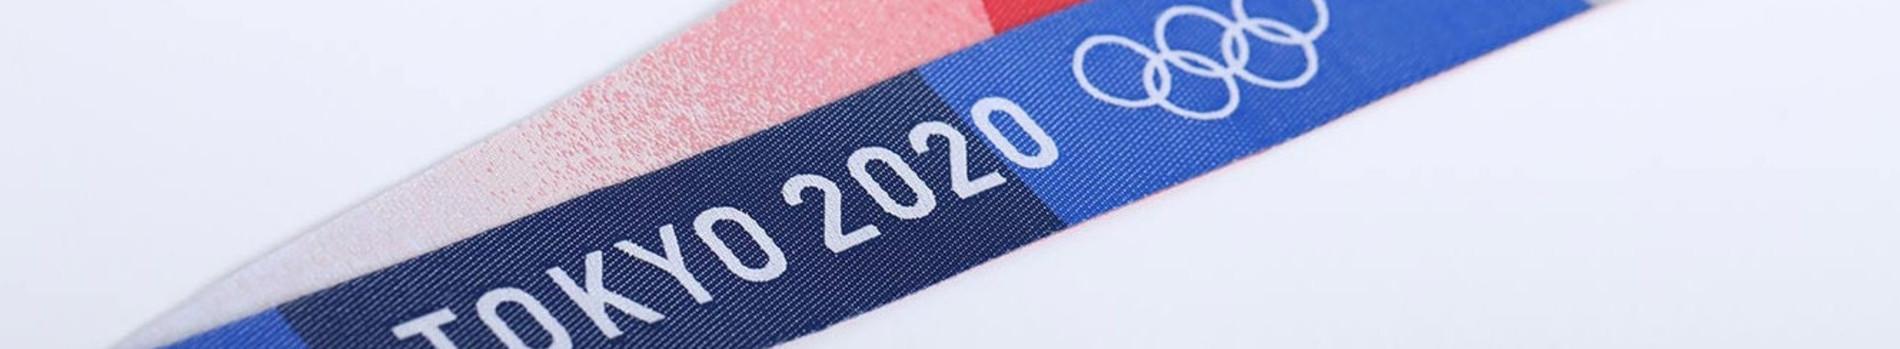 Medaillenband zu den Olympischen Spielen 2020 in Tokio, Japan